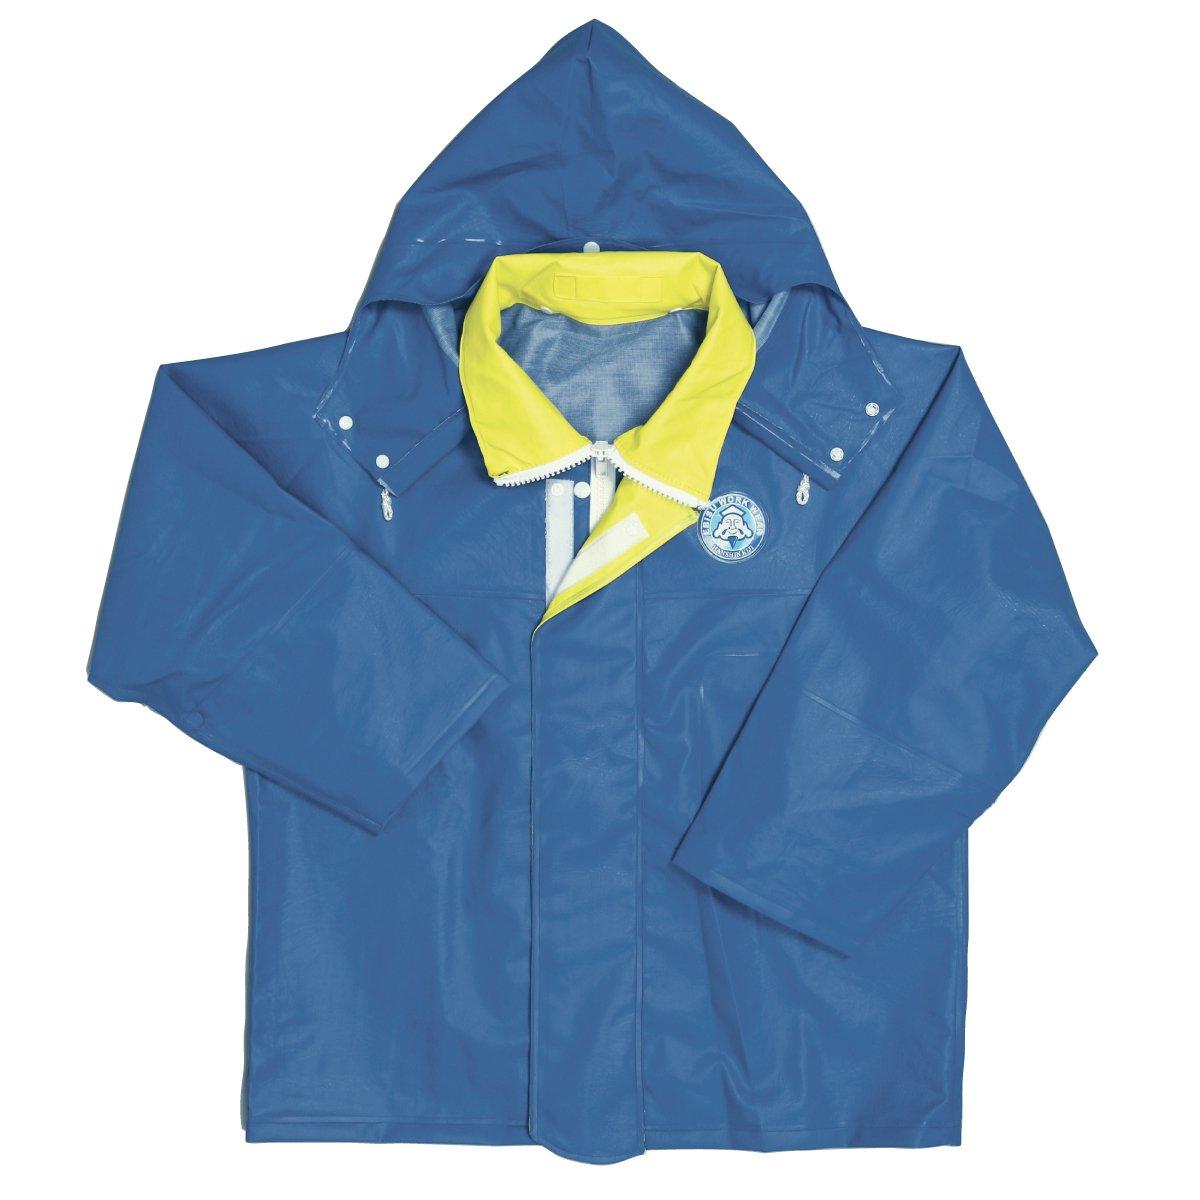 [エビス] サロペットジャケット RA-94 B001J27YG6 LLL|ブルー ブルー LLL